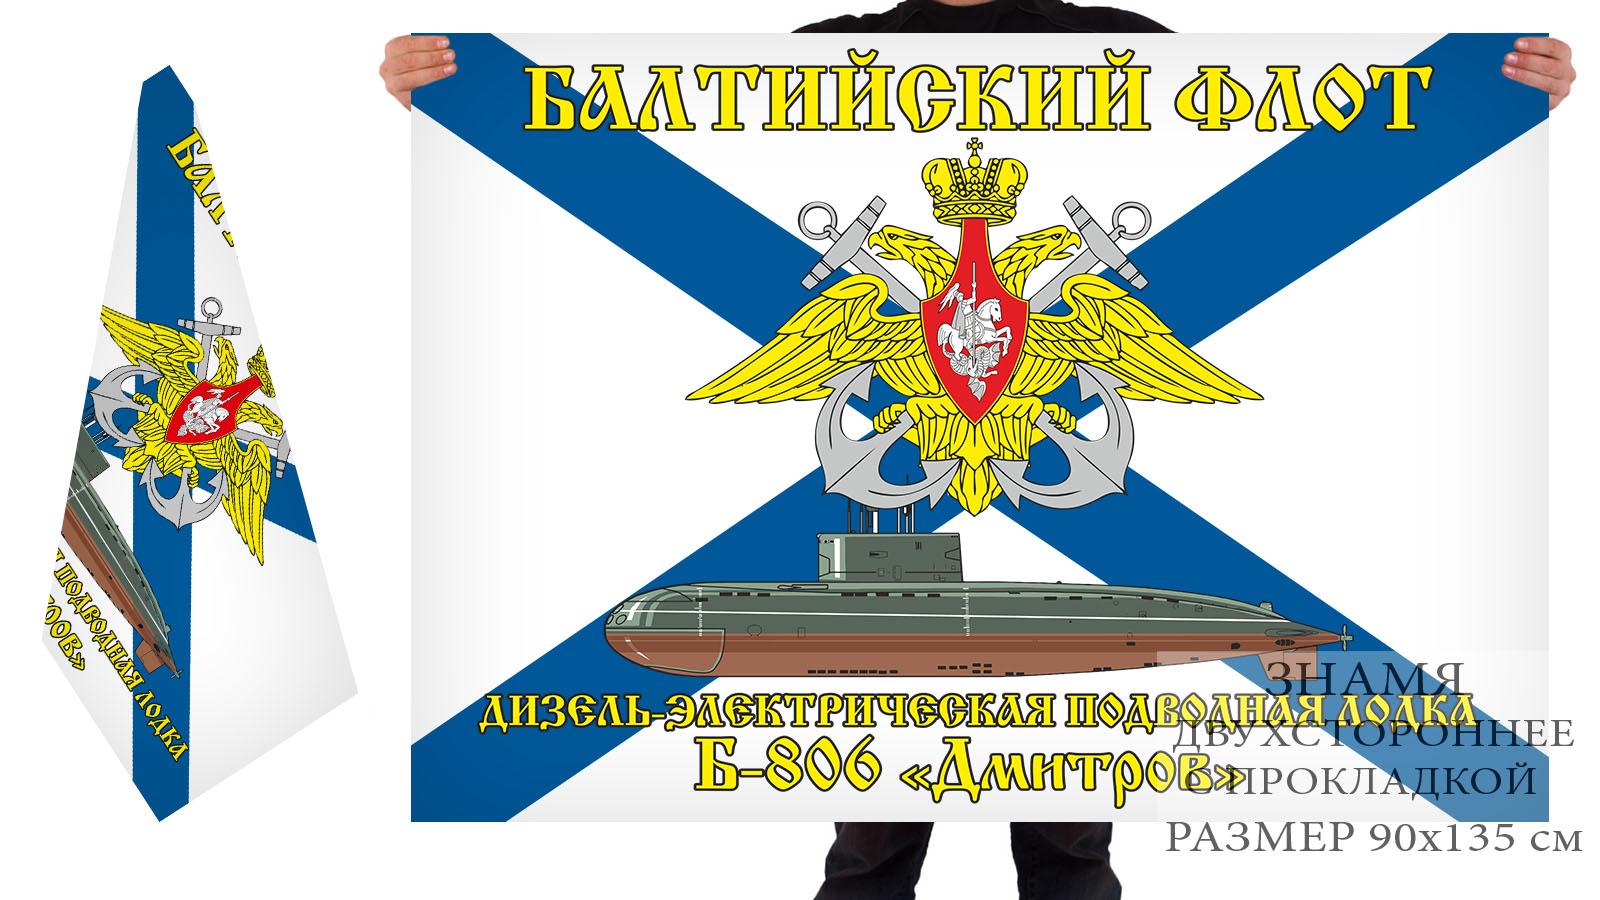 """Двусторонний флаг ДЭПЛ Б-806 """"Дмитров"""""""